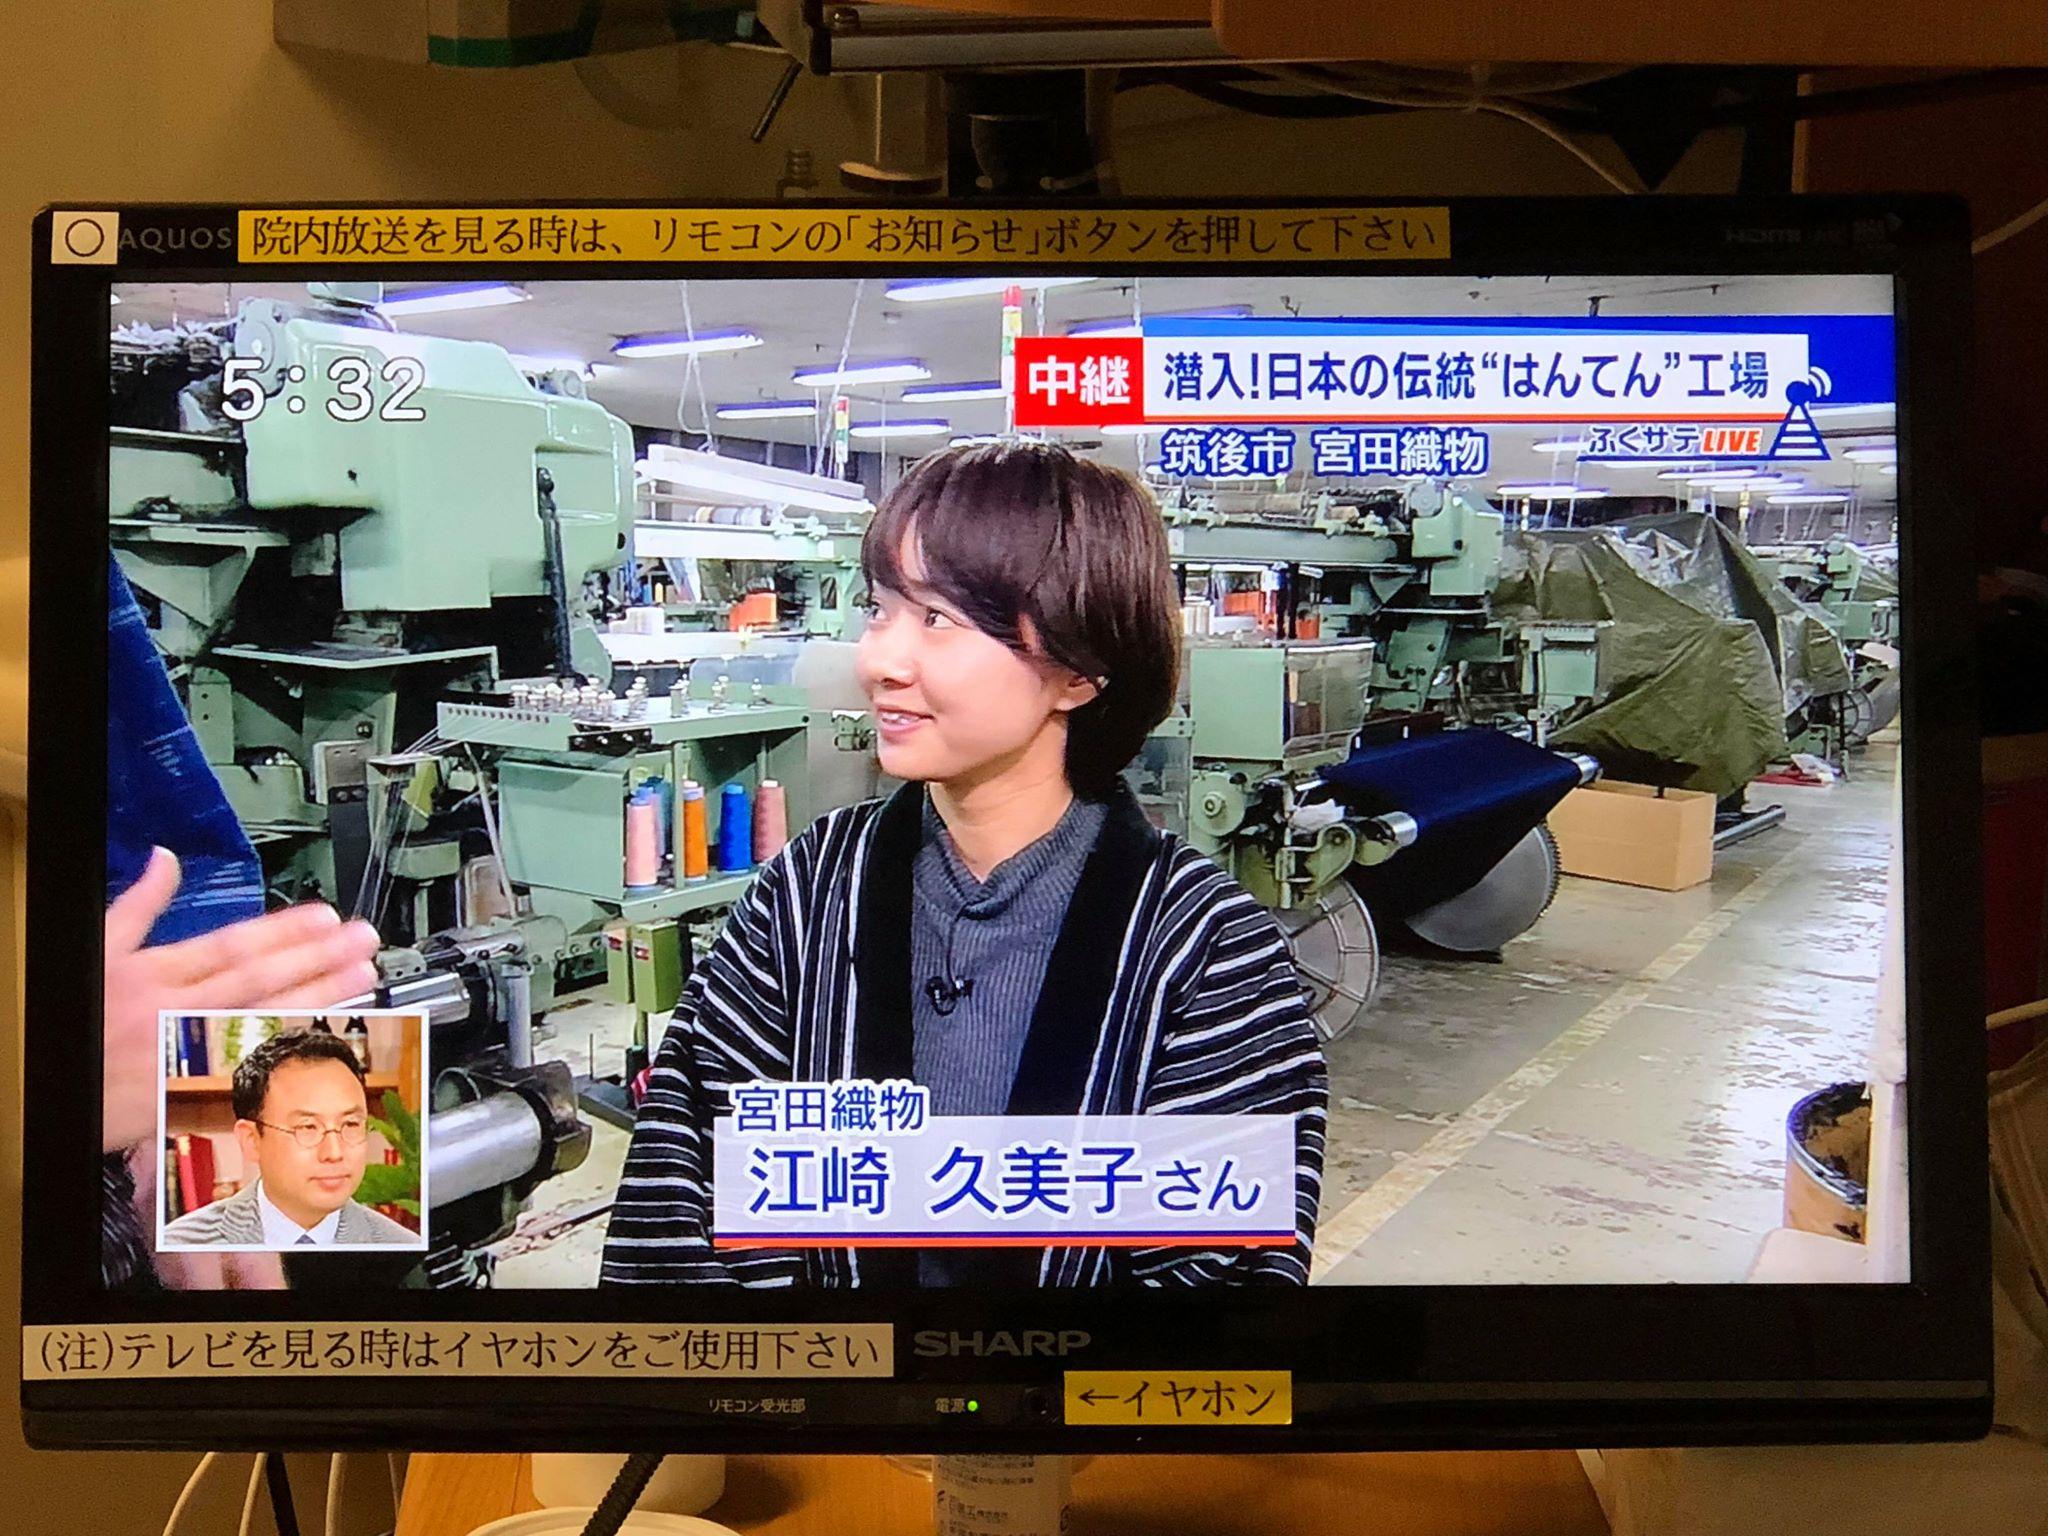 TVQふくおかサテライトFRIDAY